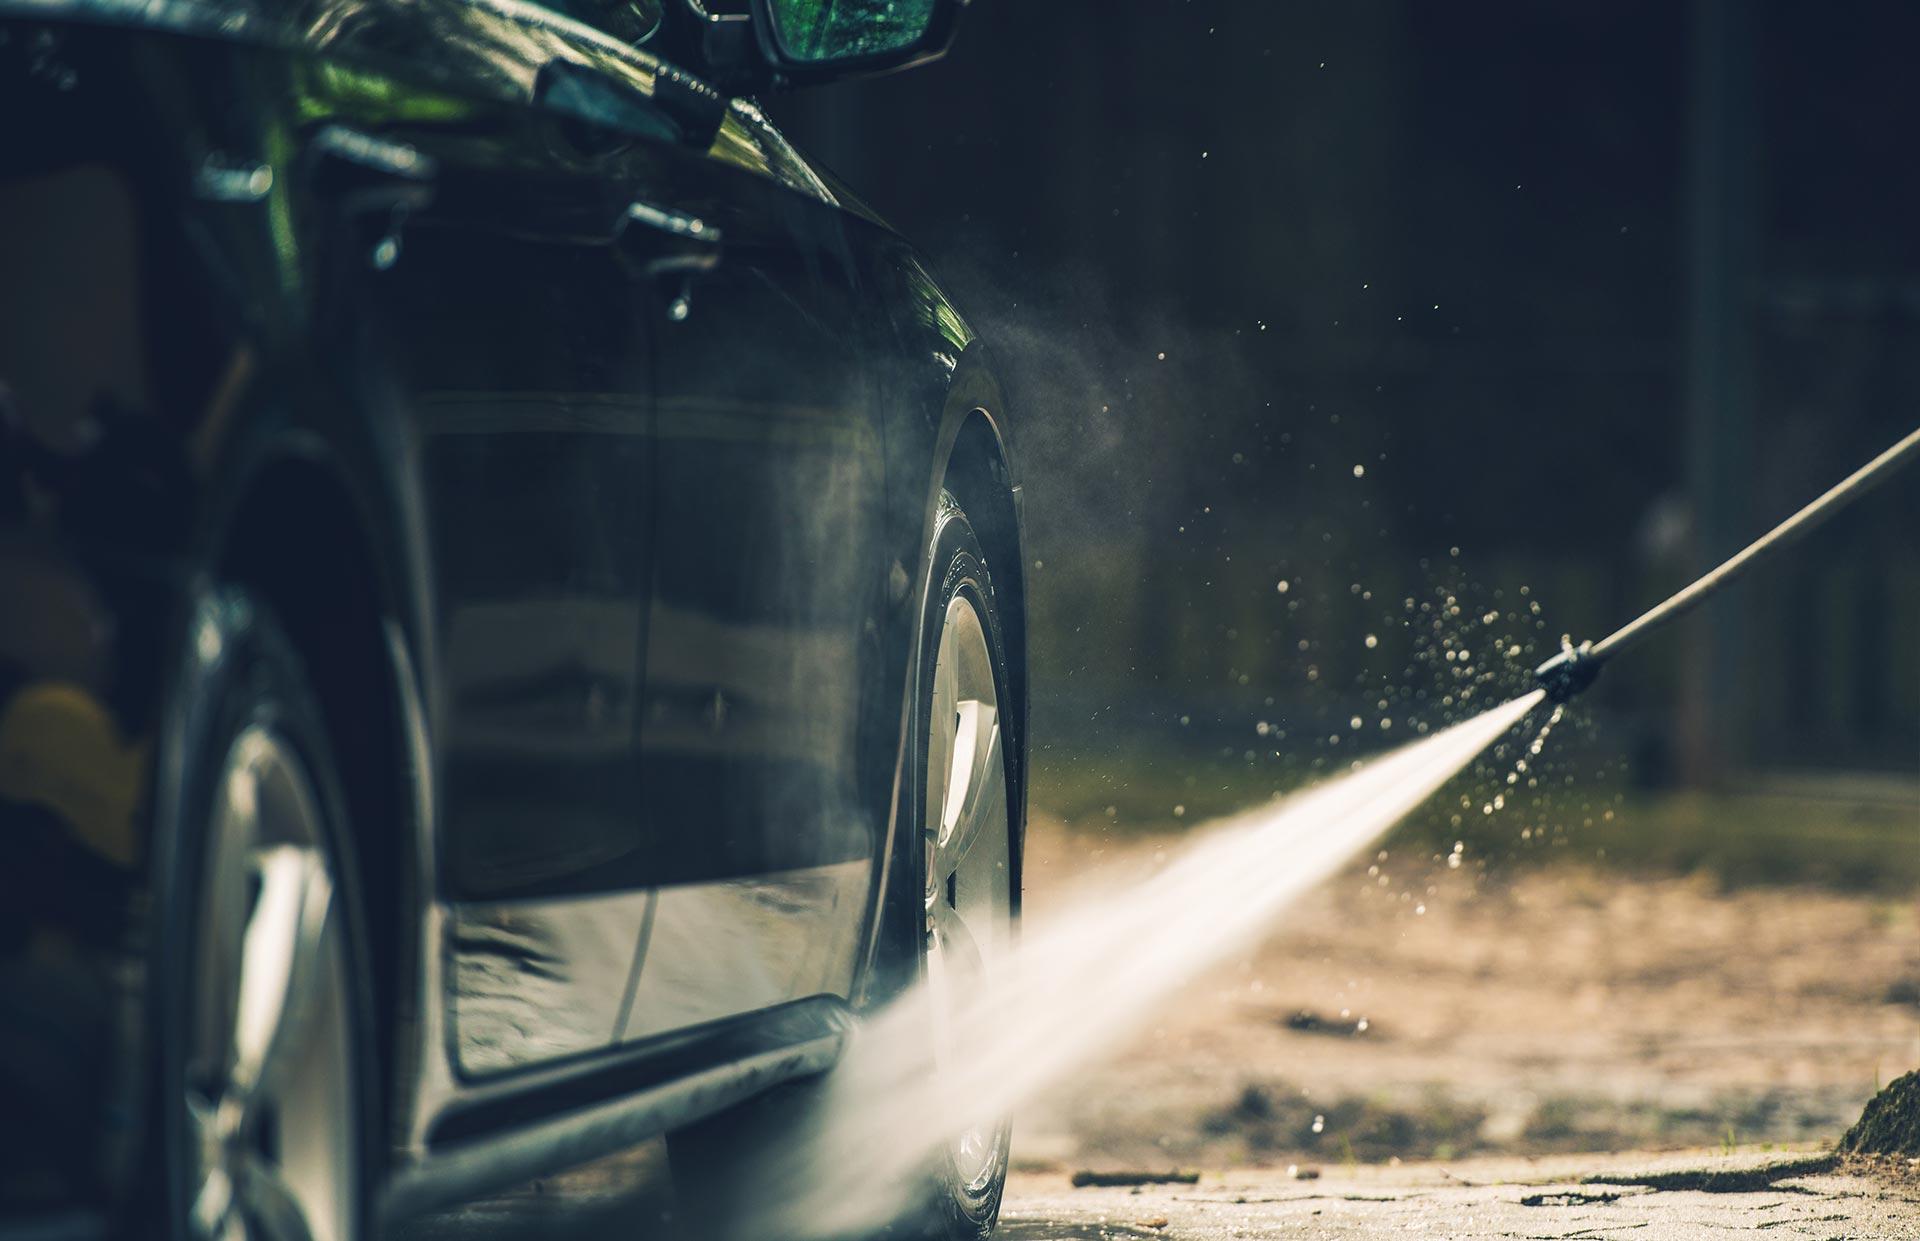 detailed-car-washing